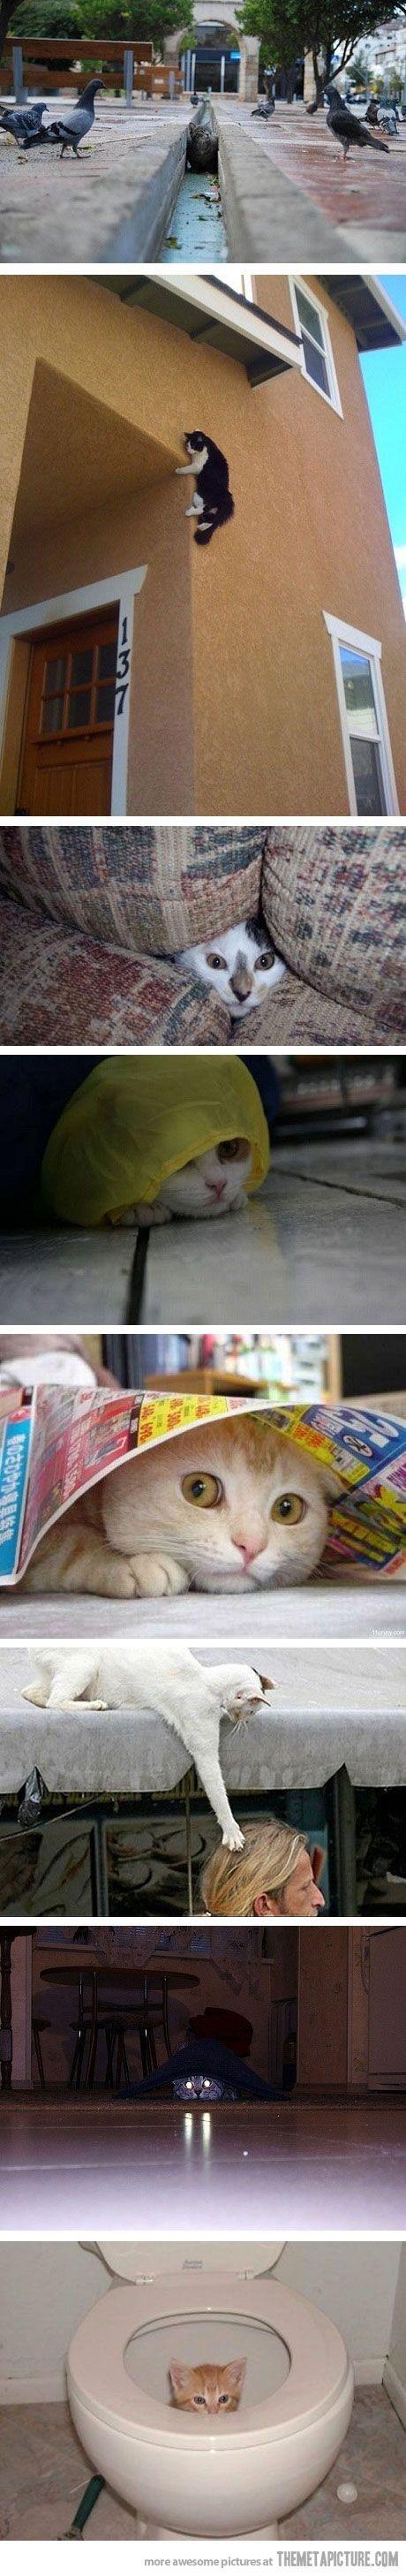 Jog on, kitties.